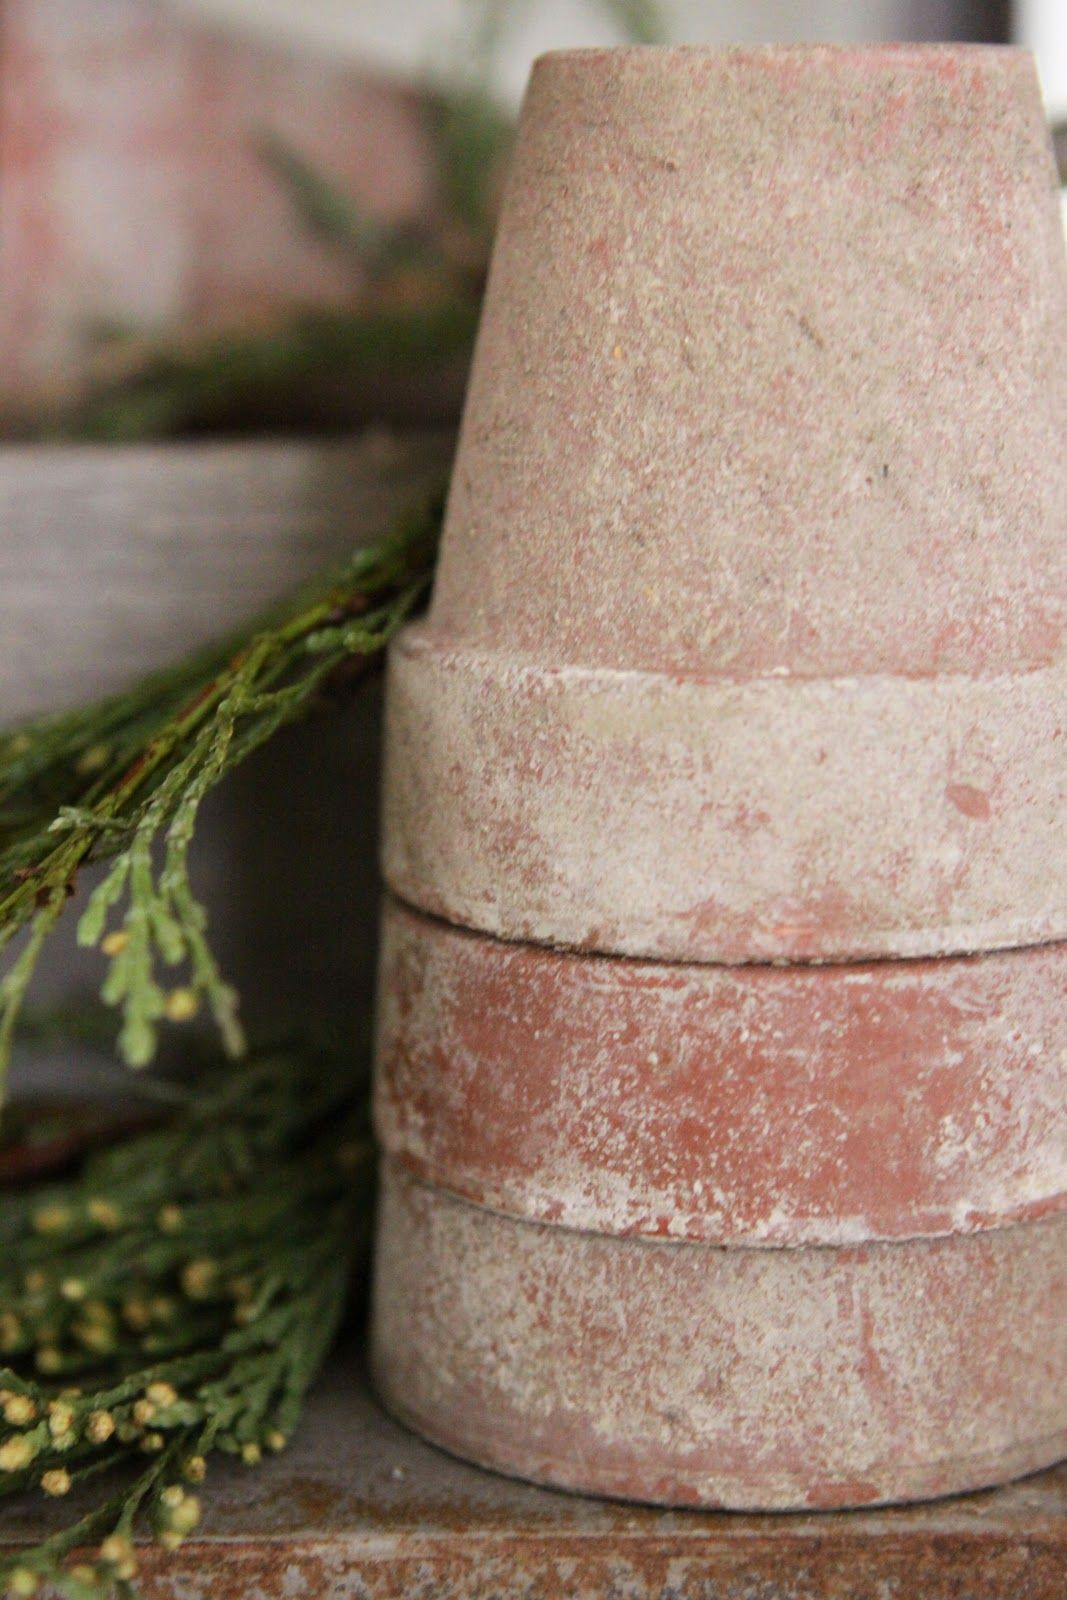 Antiques By Joy Aging Your Terra Cotta Pots Farmhouse Flower Pots Aging Terra Cotta Pots Terracotta Pots